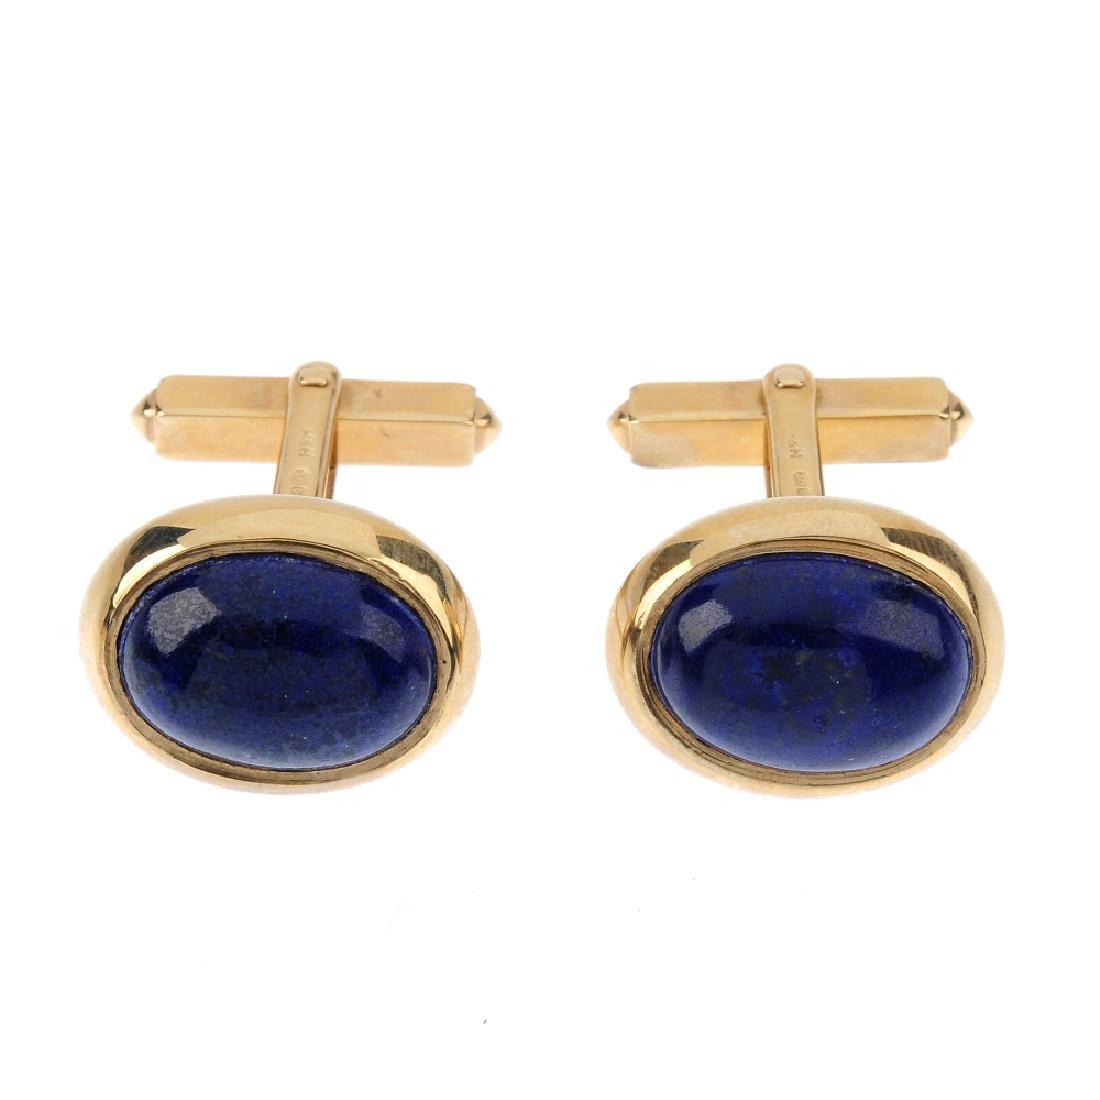 A pair of 9ct gold lapis lazuli cufflinks. Each